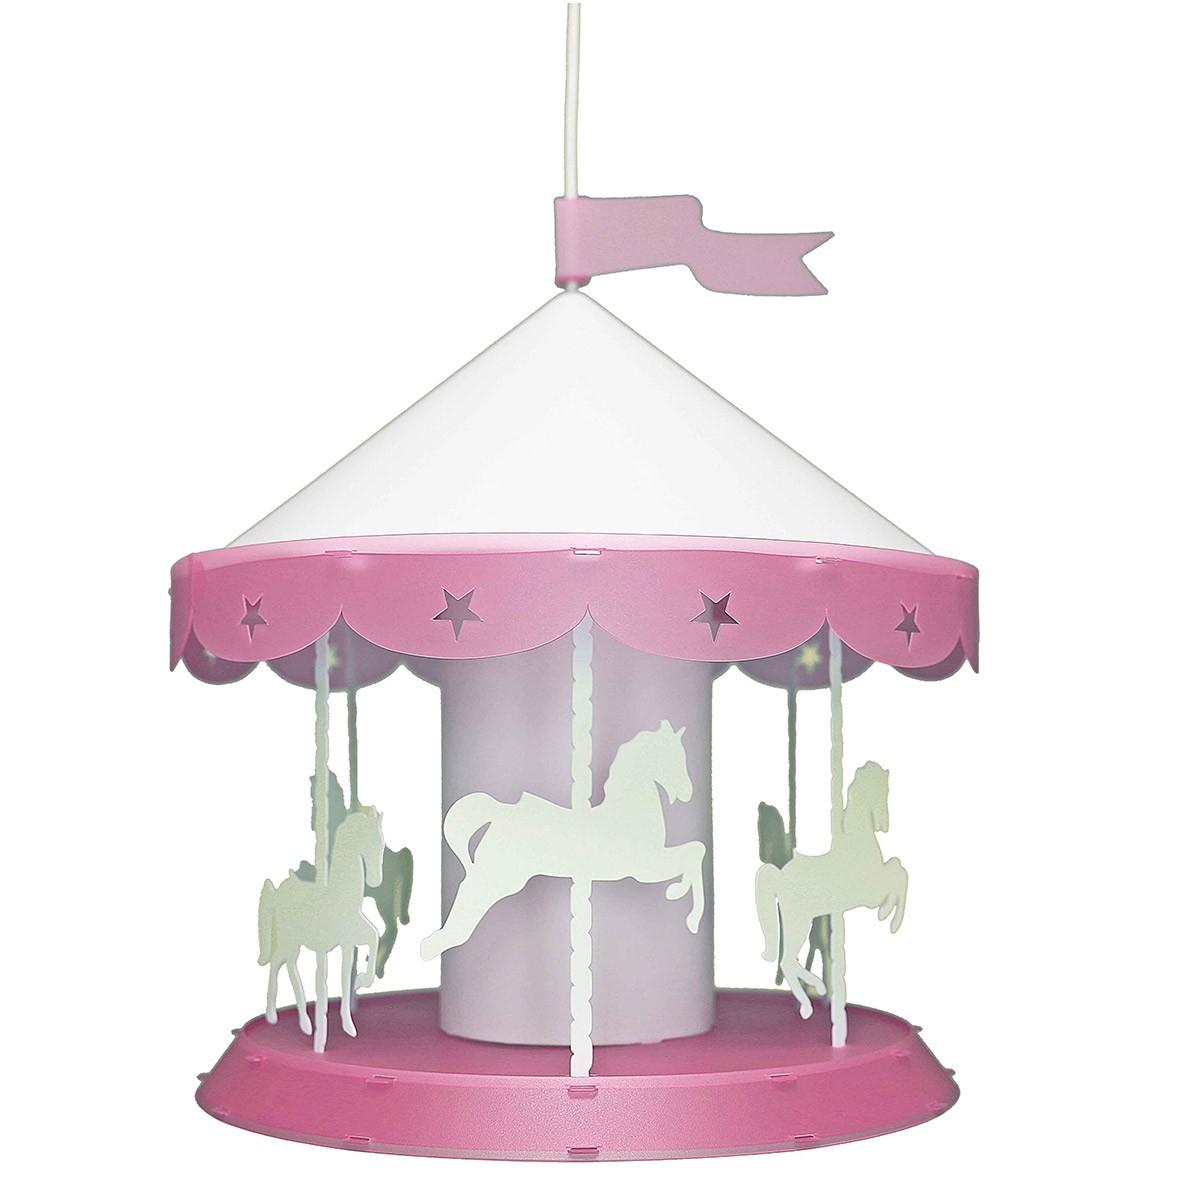 Φωτιστικό Οροφής R&M Coudert Καρουζέλ Ροζ